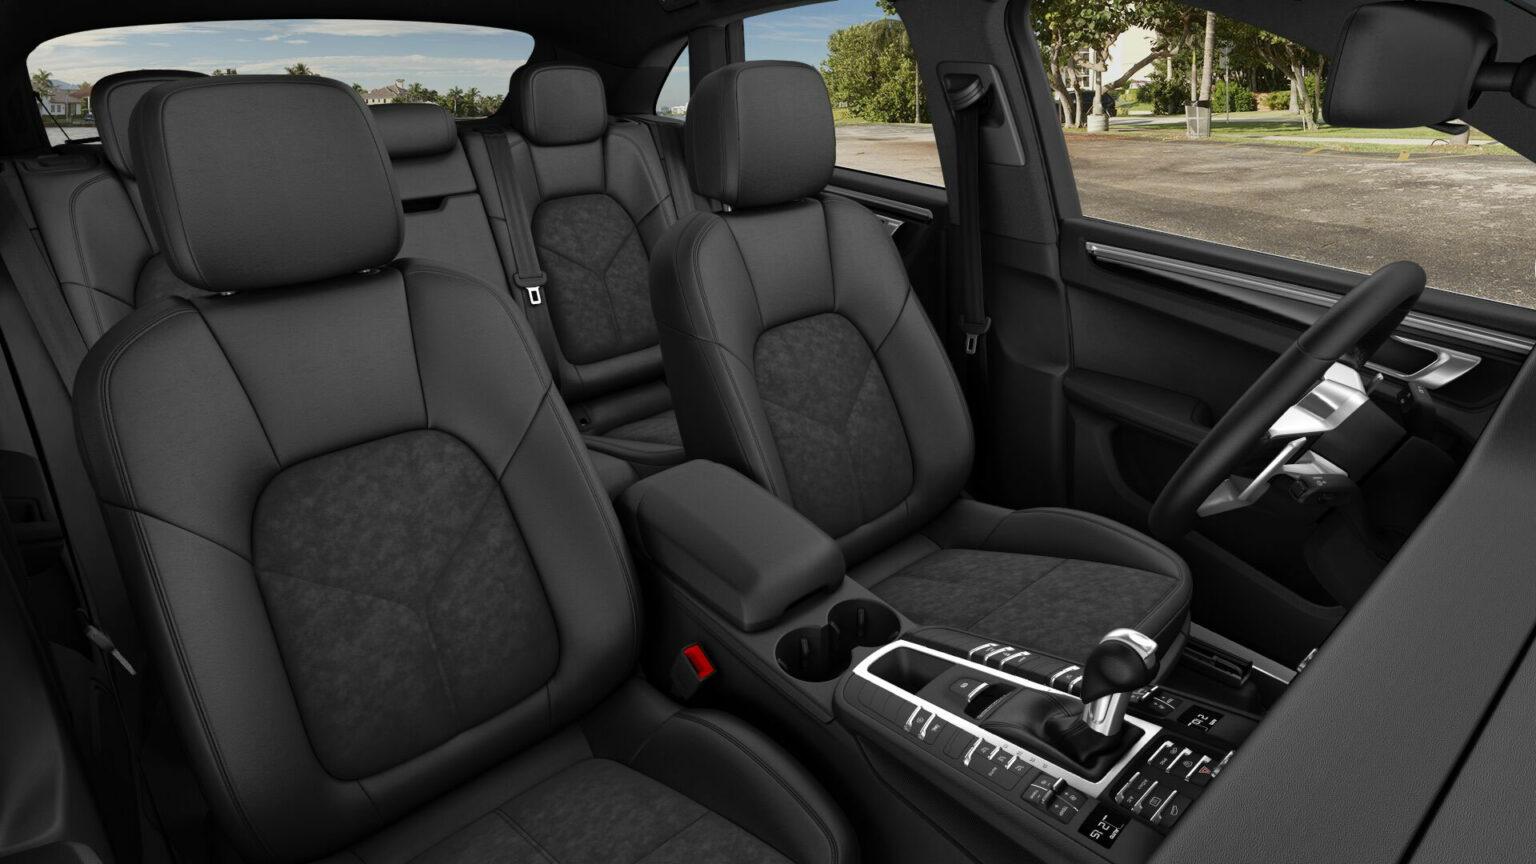 Porsche Macan S interior 02